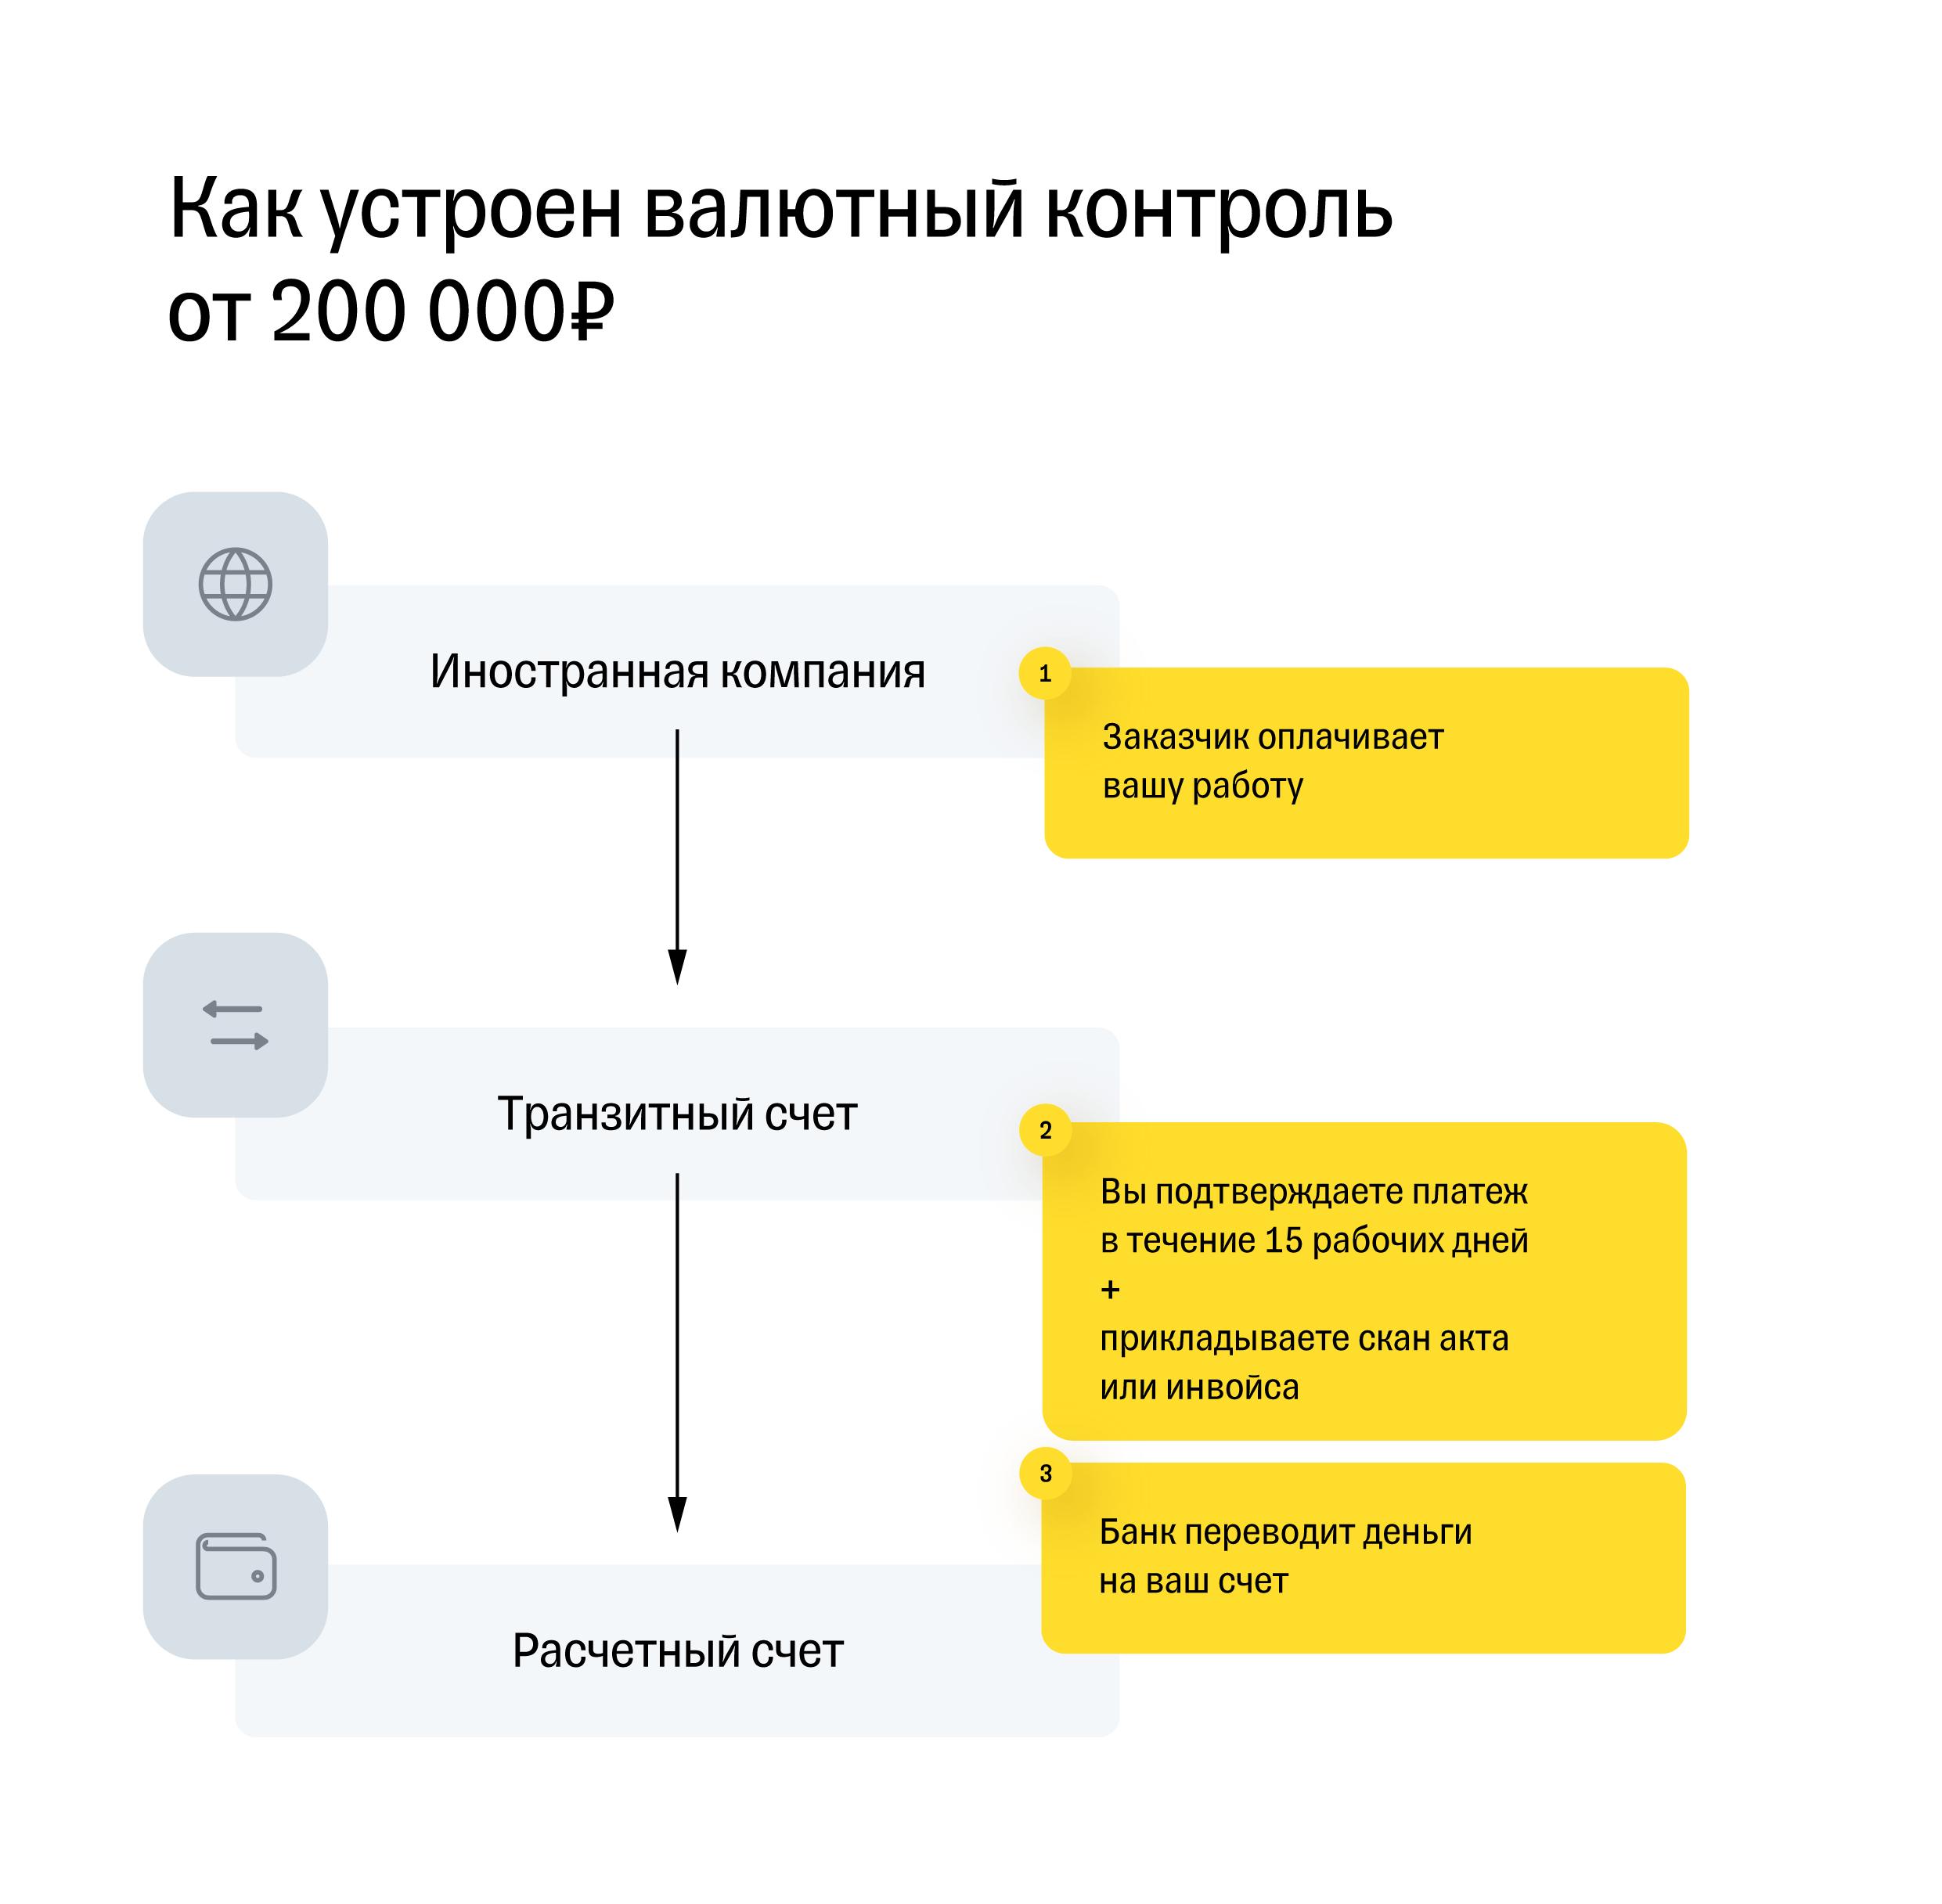 Схема валютного контроля для платежей от 200 000 рублей